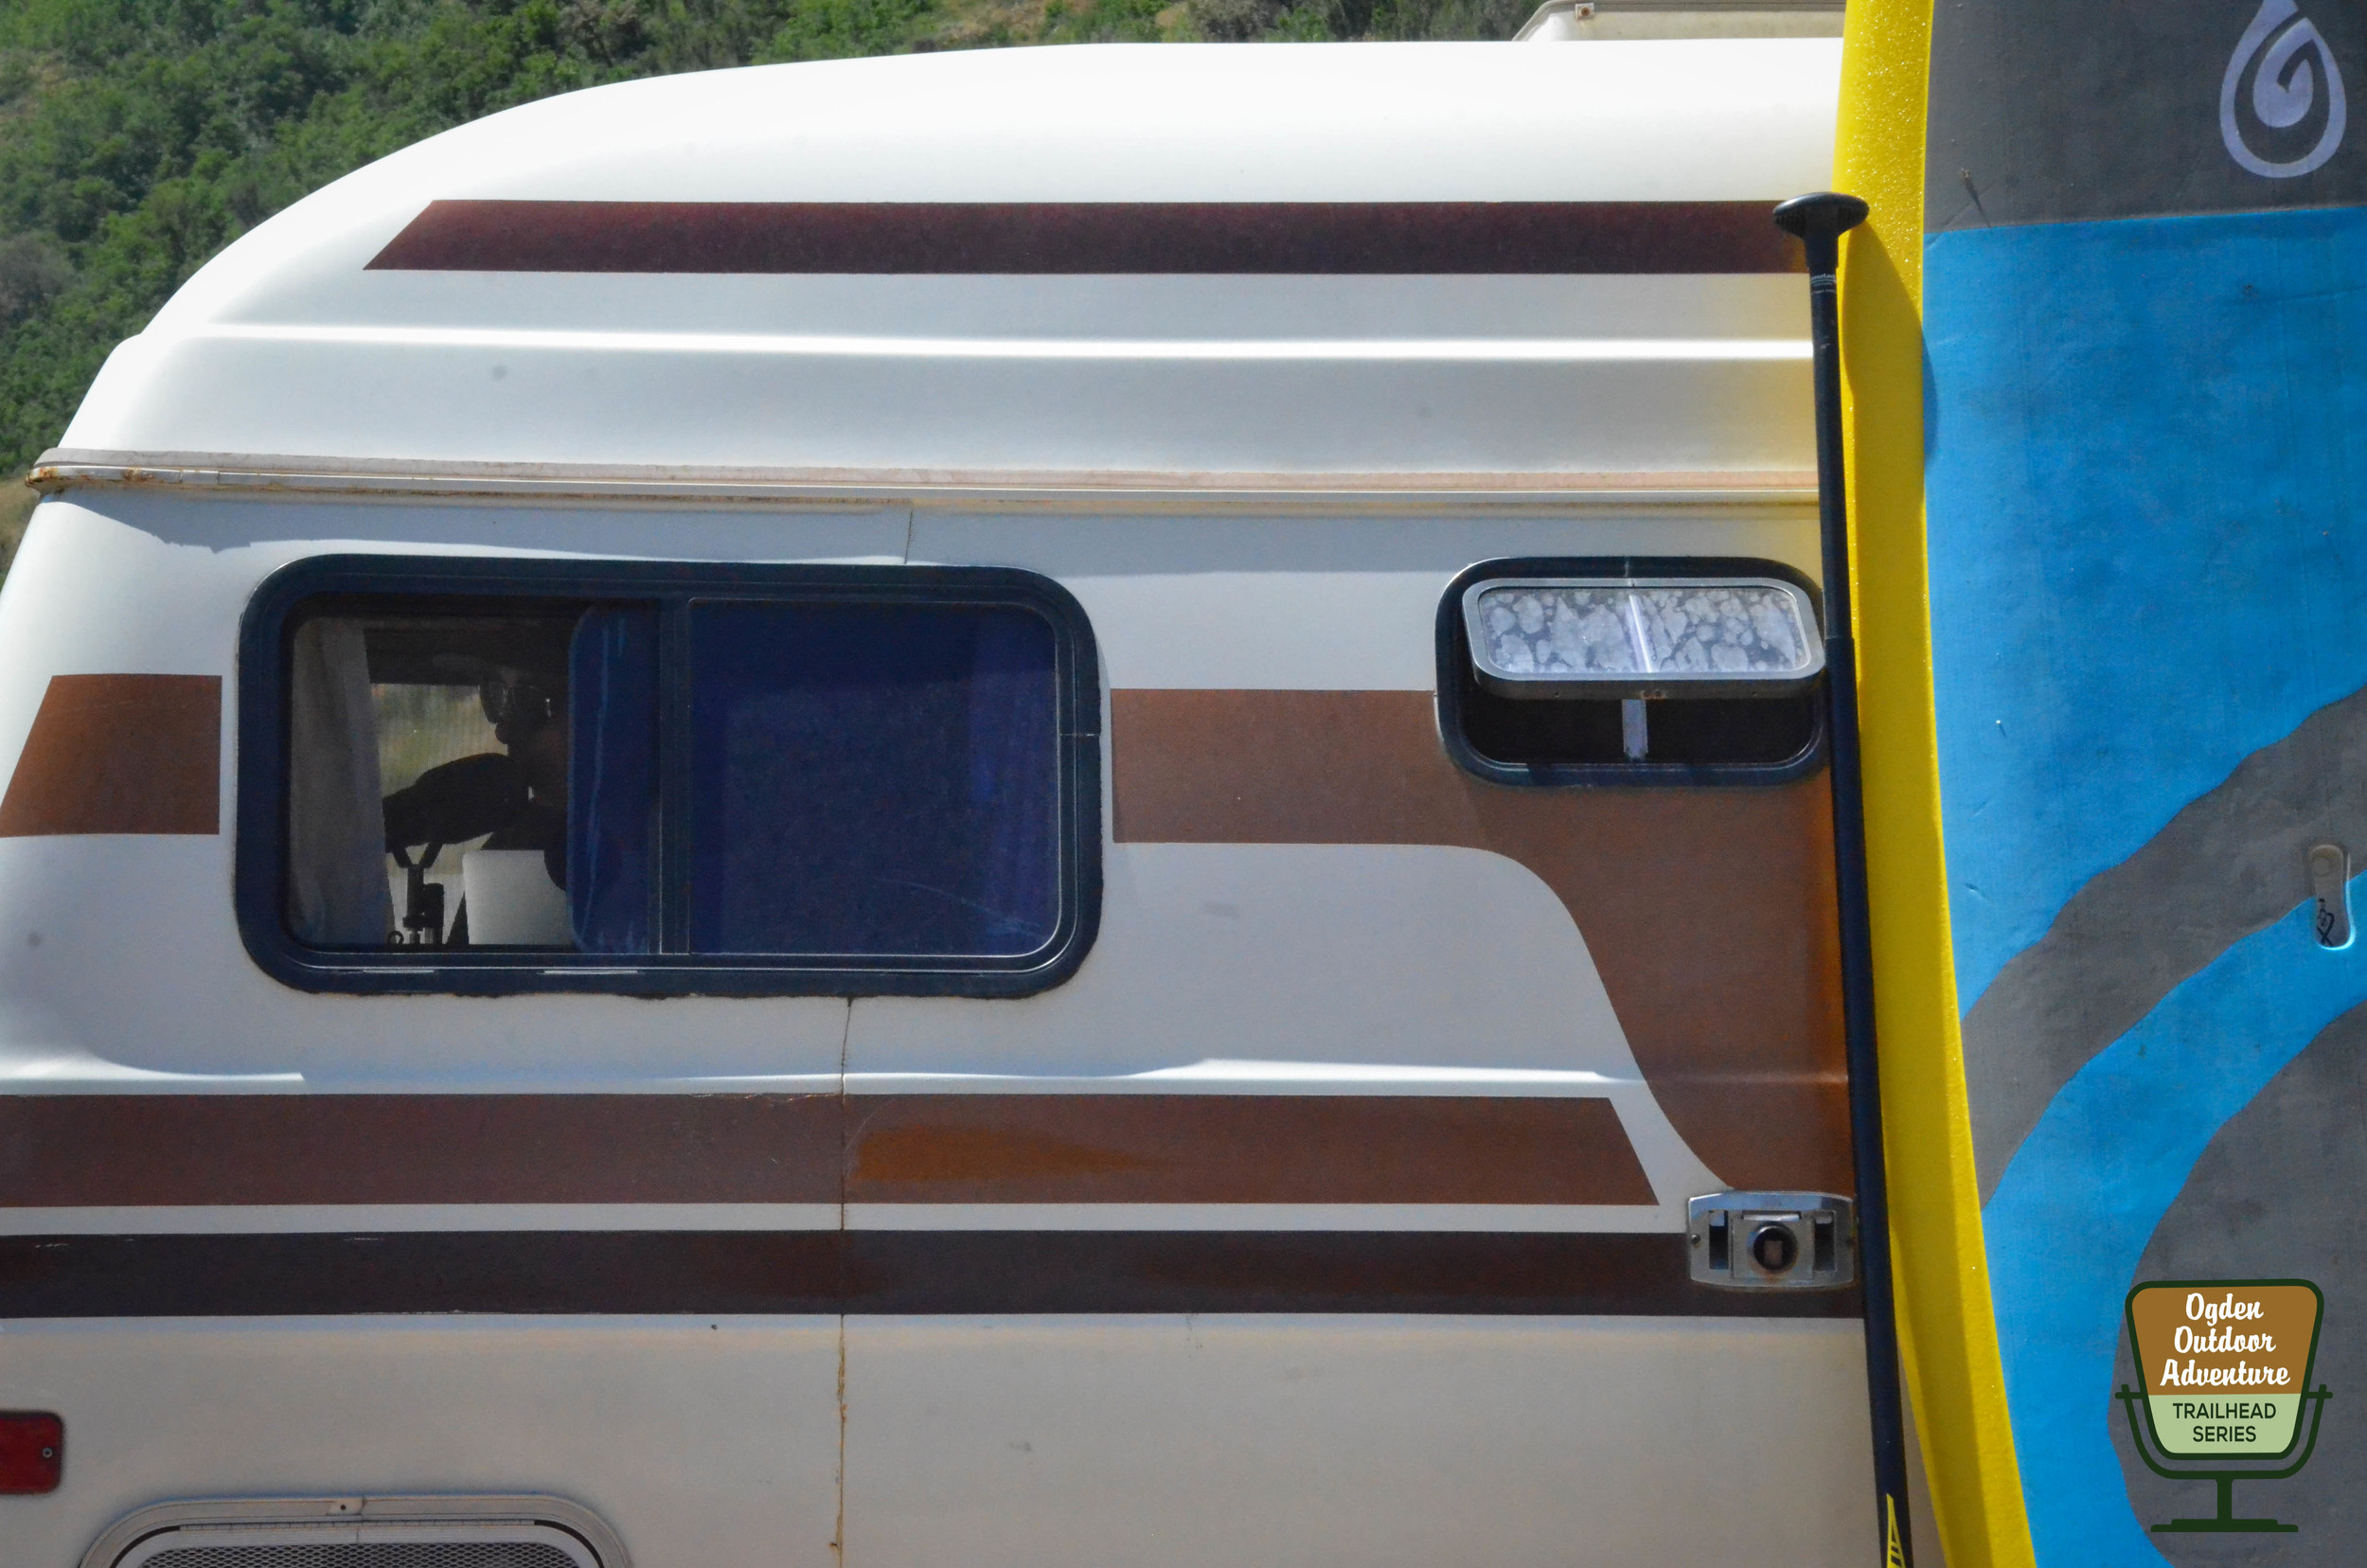 Ogden Outdoor Adventure Show 244 Causey-6.jpg